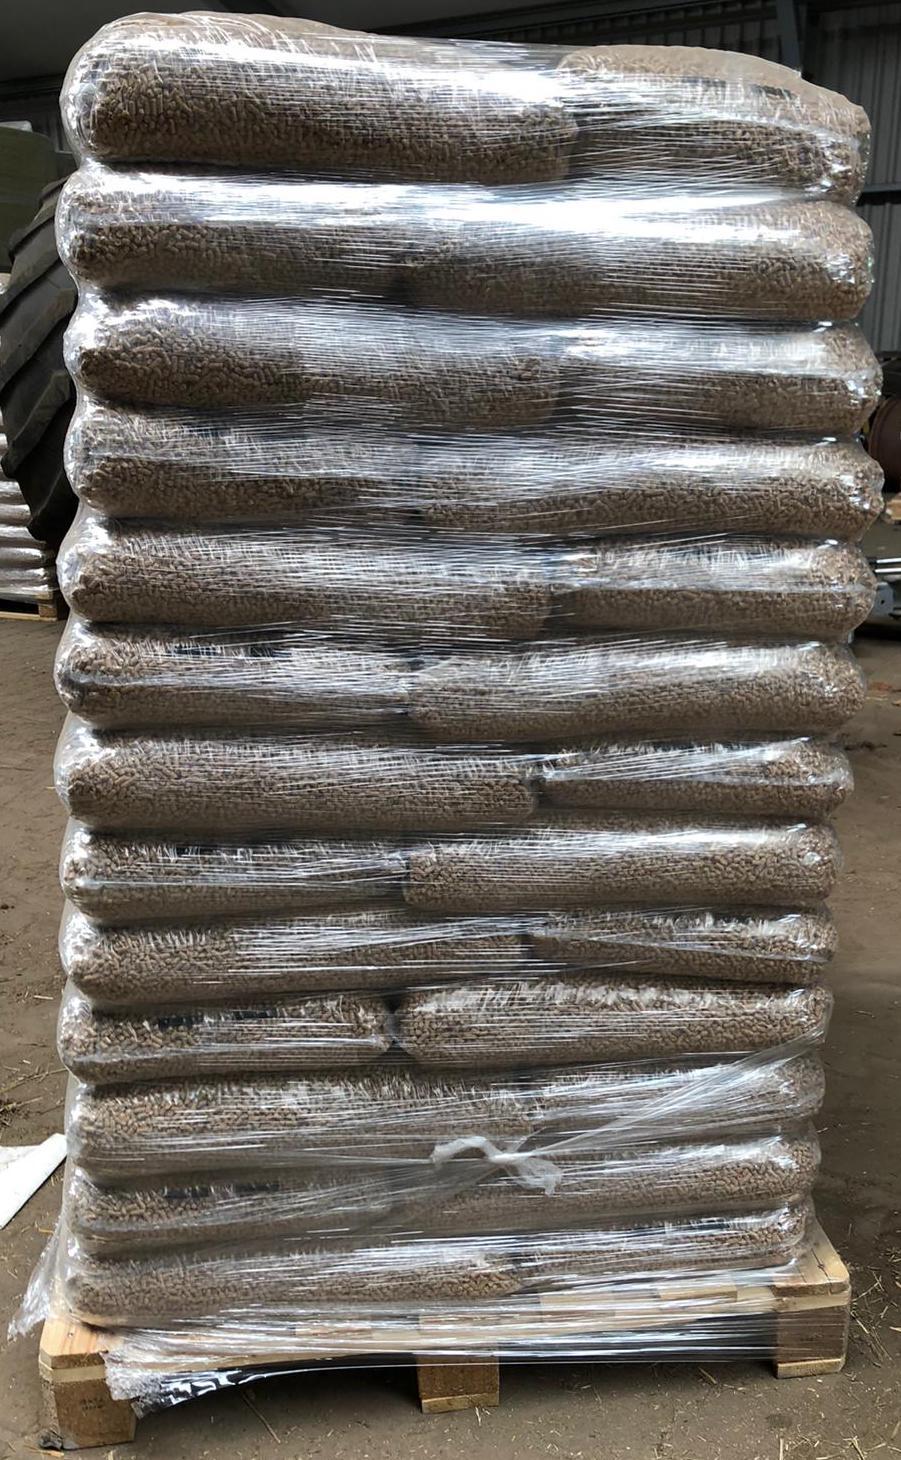 green pellets houtpellets tverskaya pallet met zakken